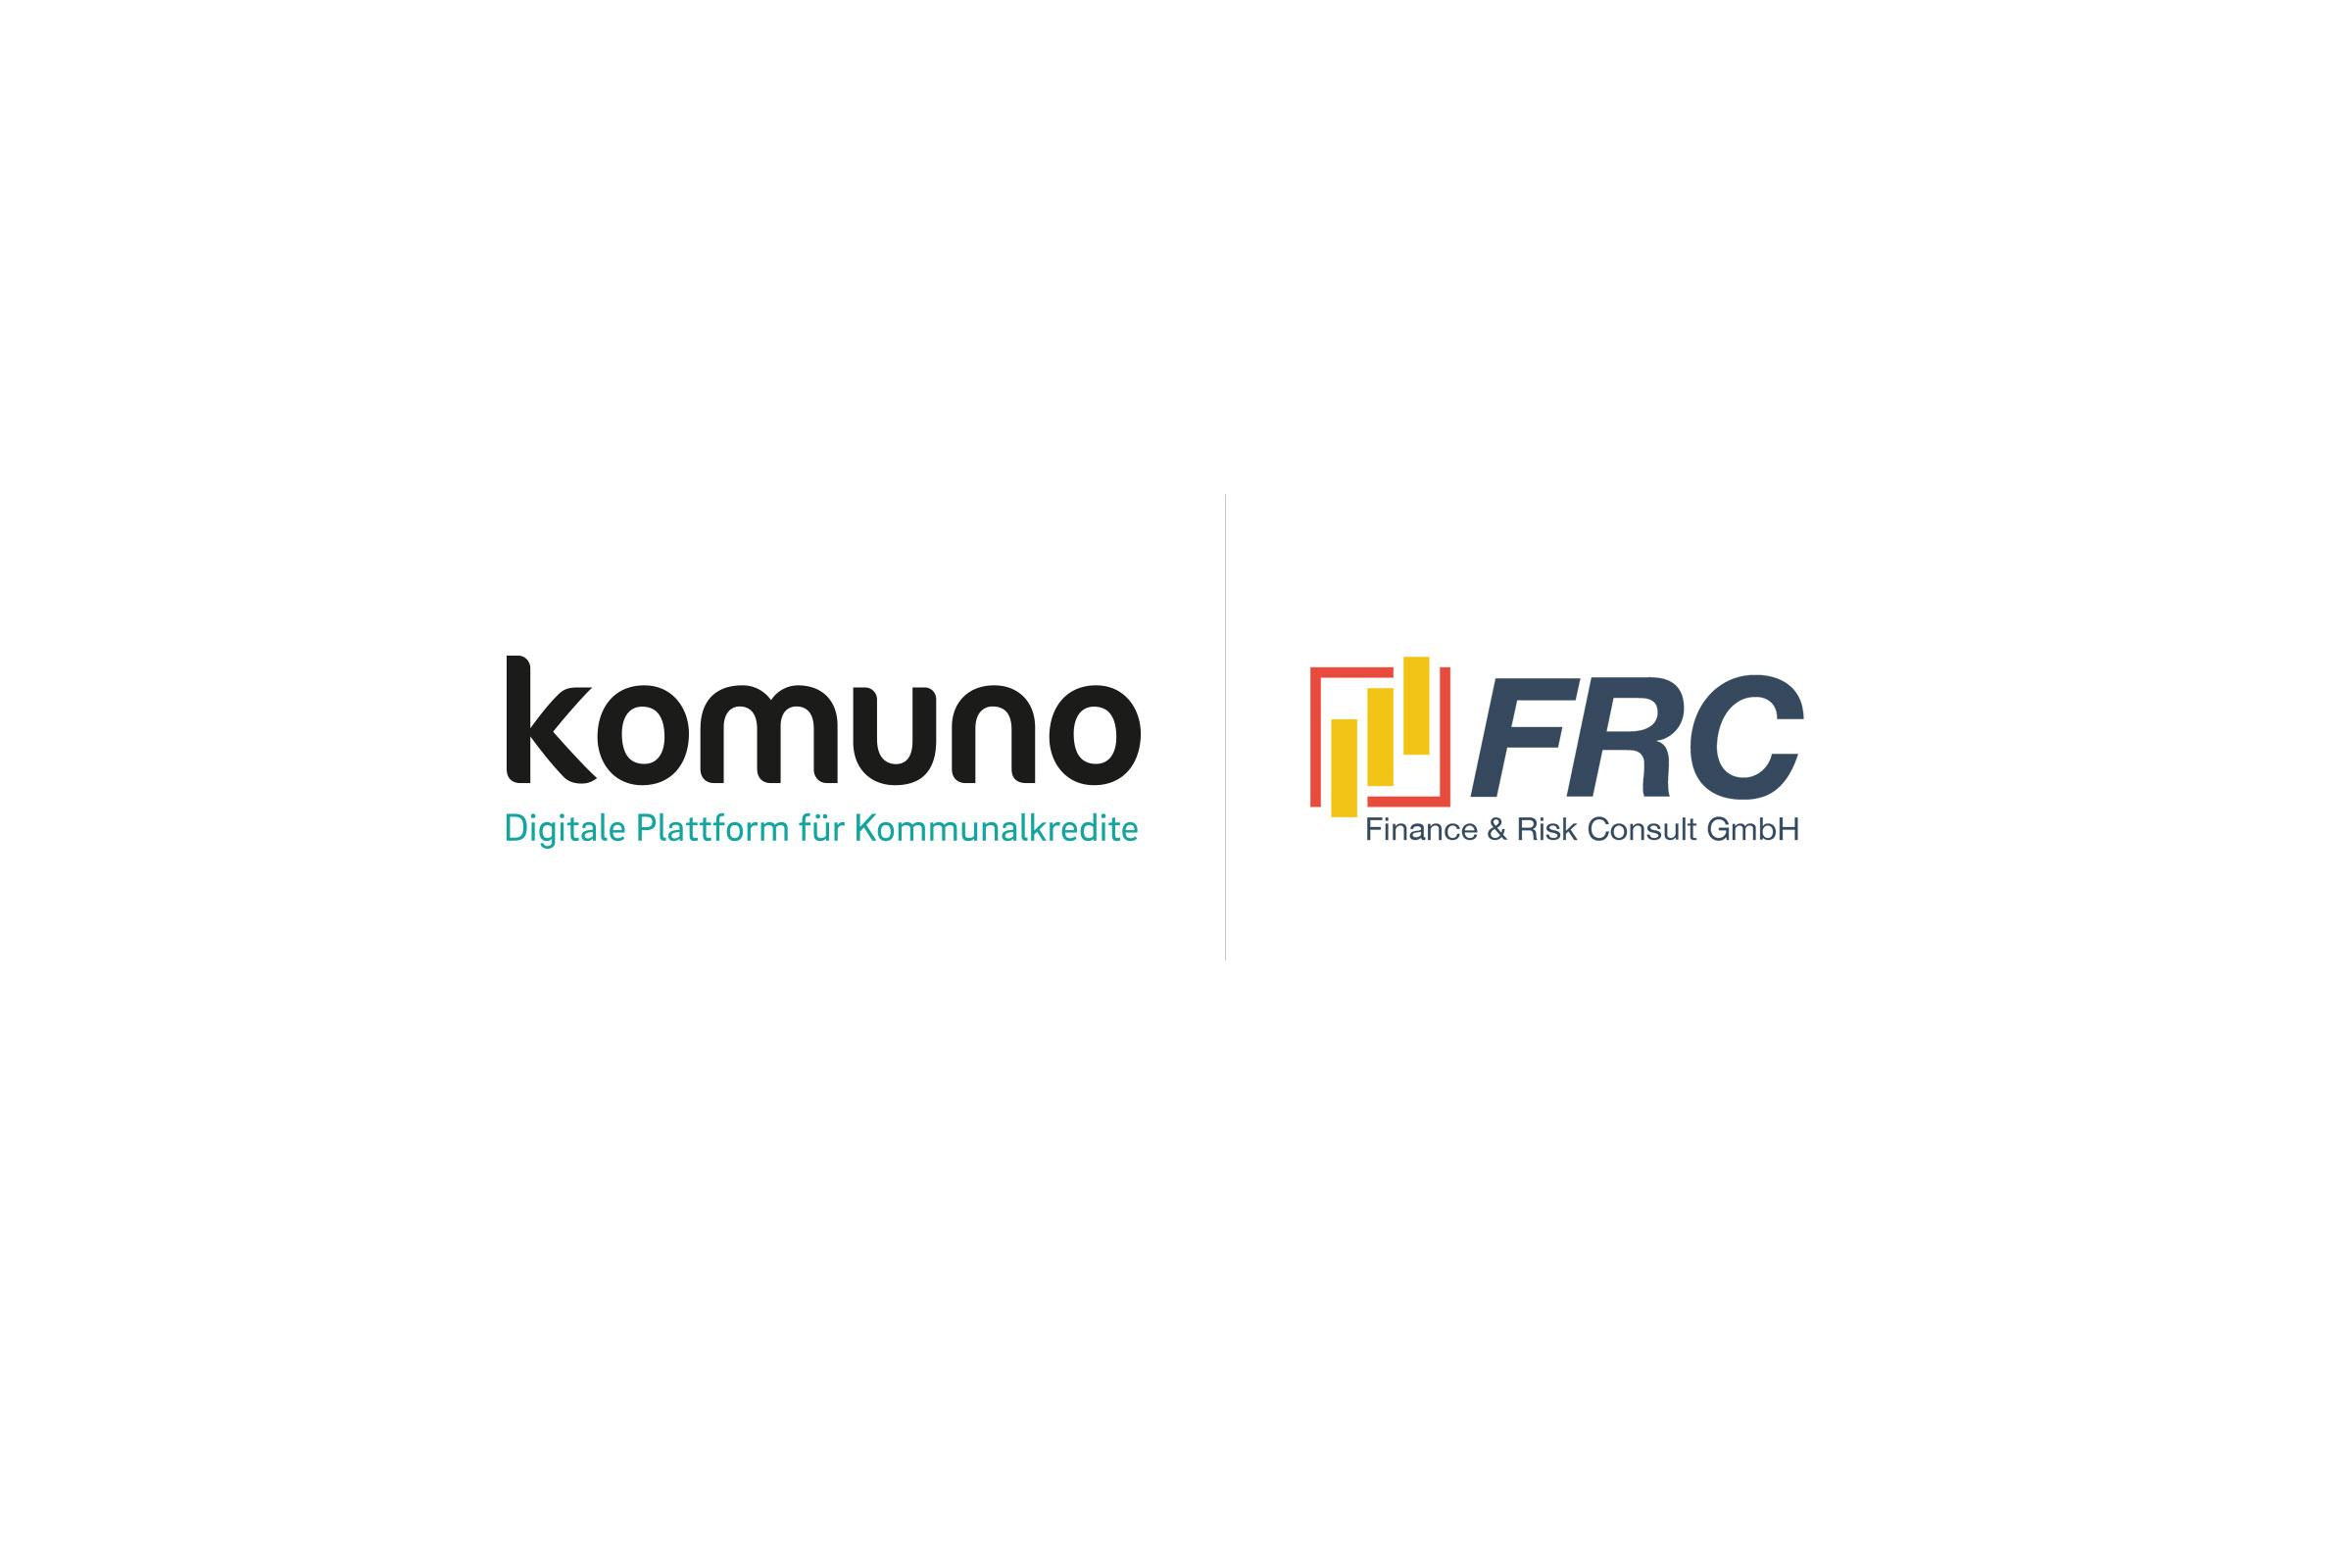 komuno und FRC